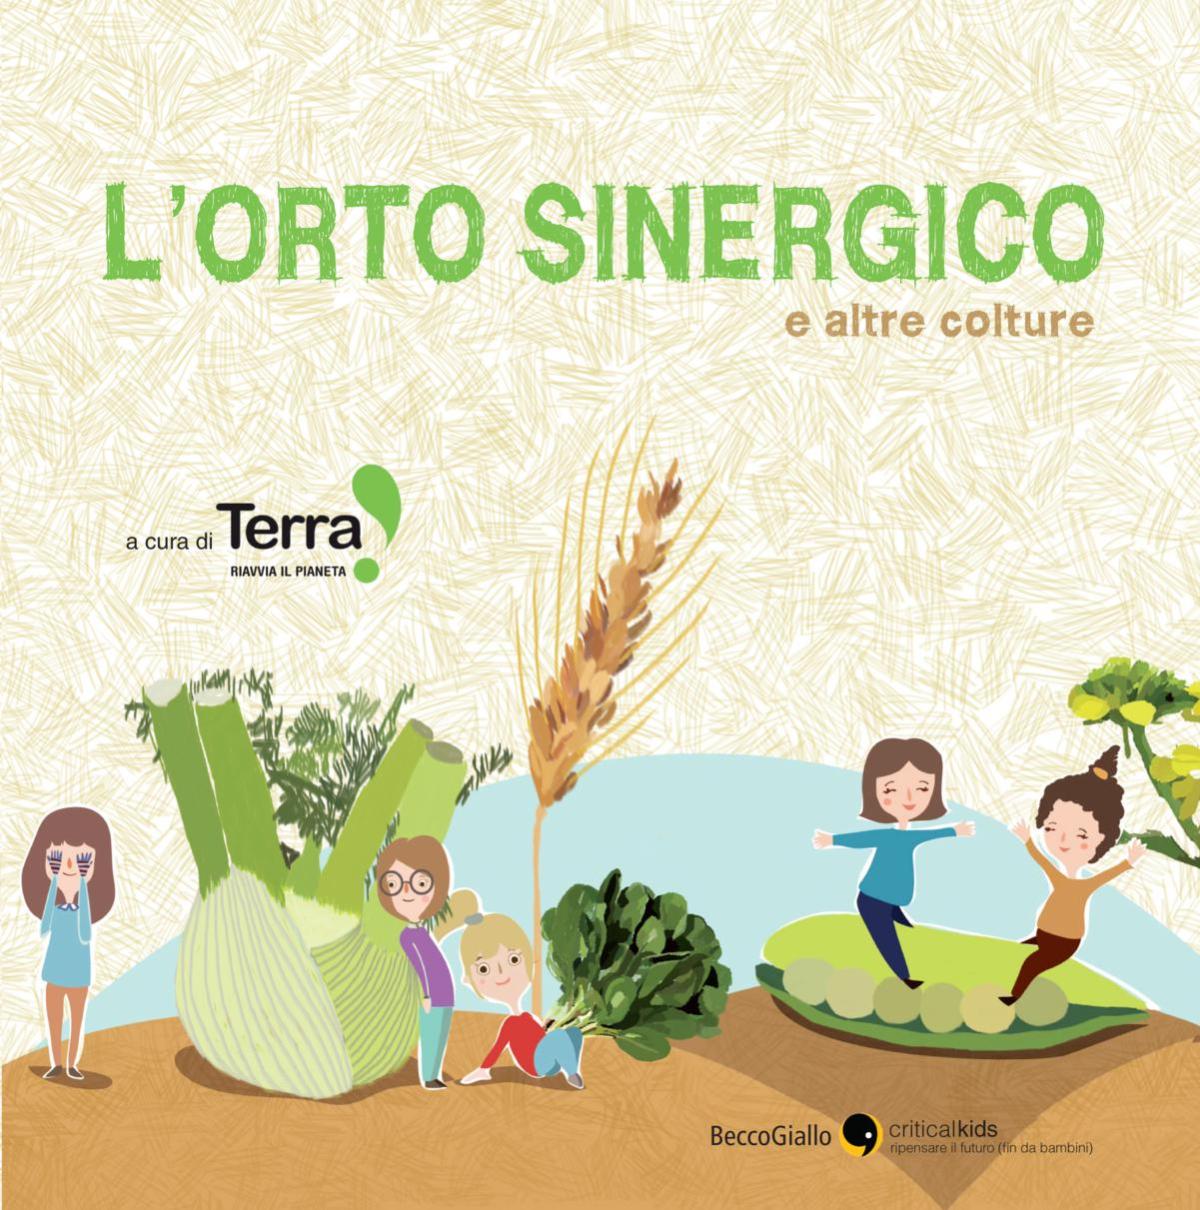 L'orto sinergico e altre colture